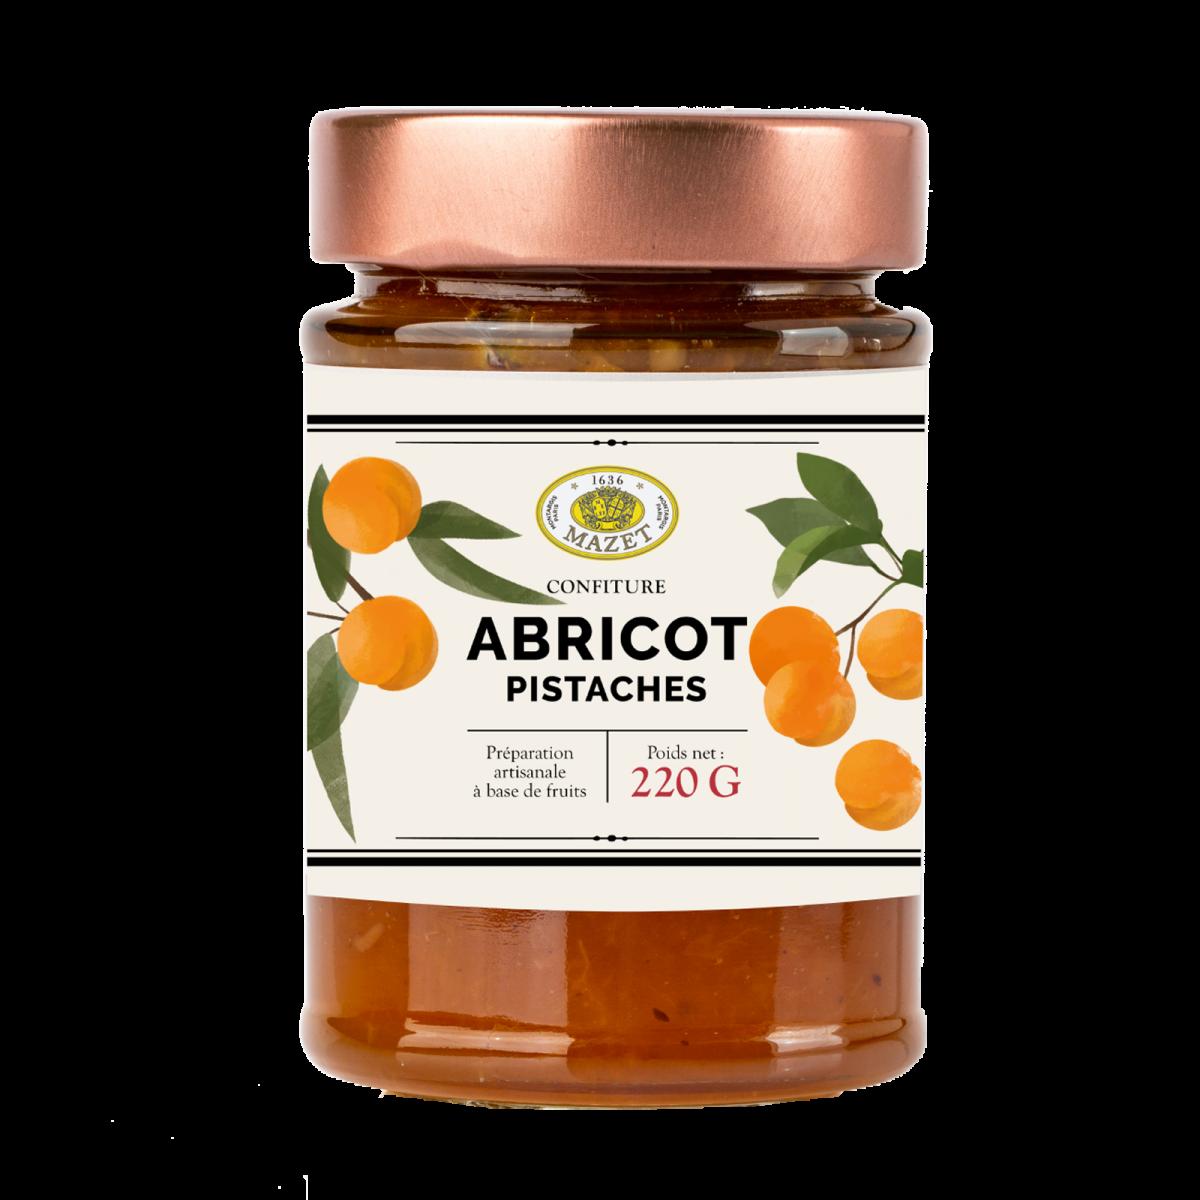 Confitures - Confiture abricot pistache 220g